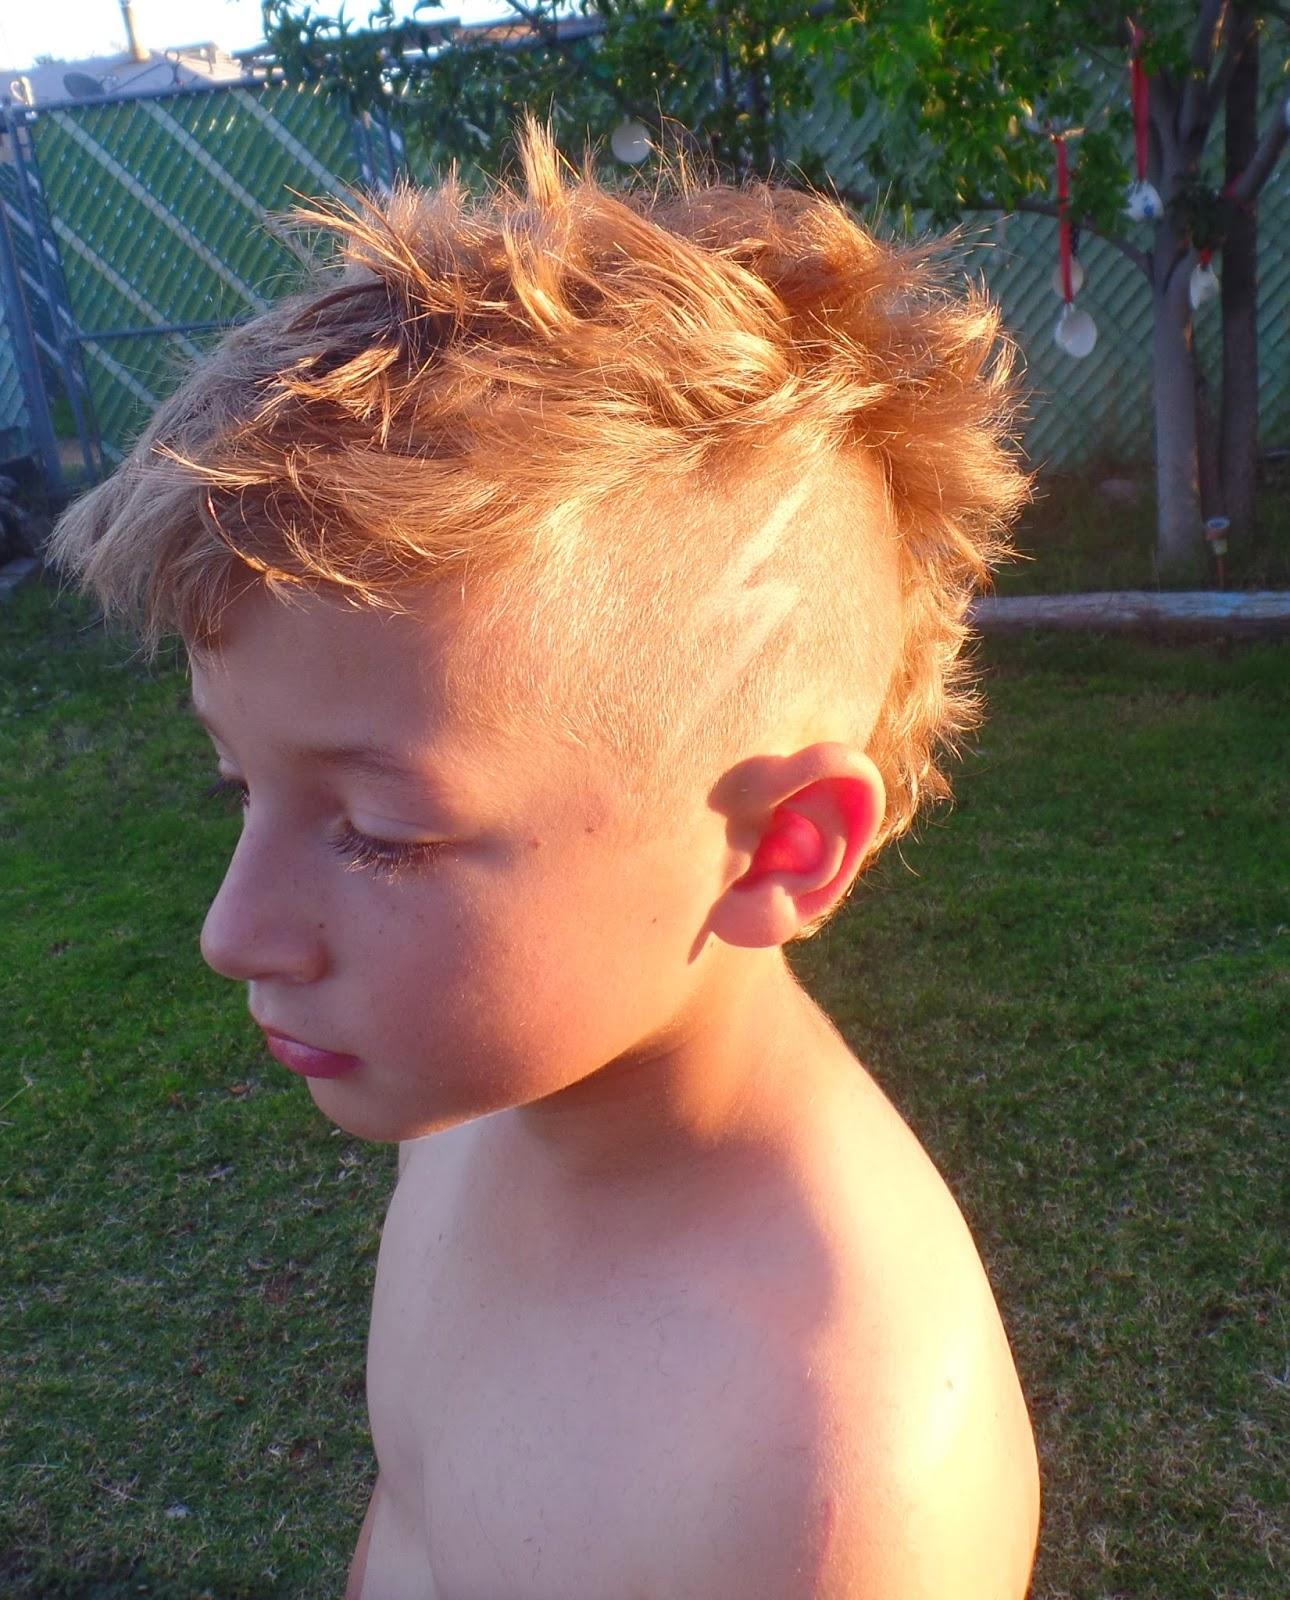 Semi Germane Germaines Haircuts At Last